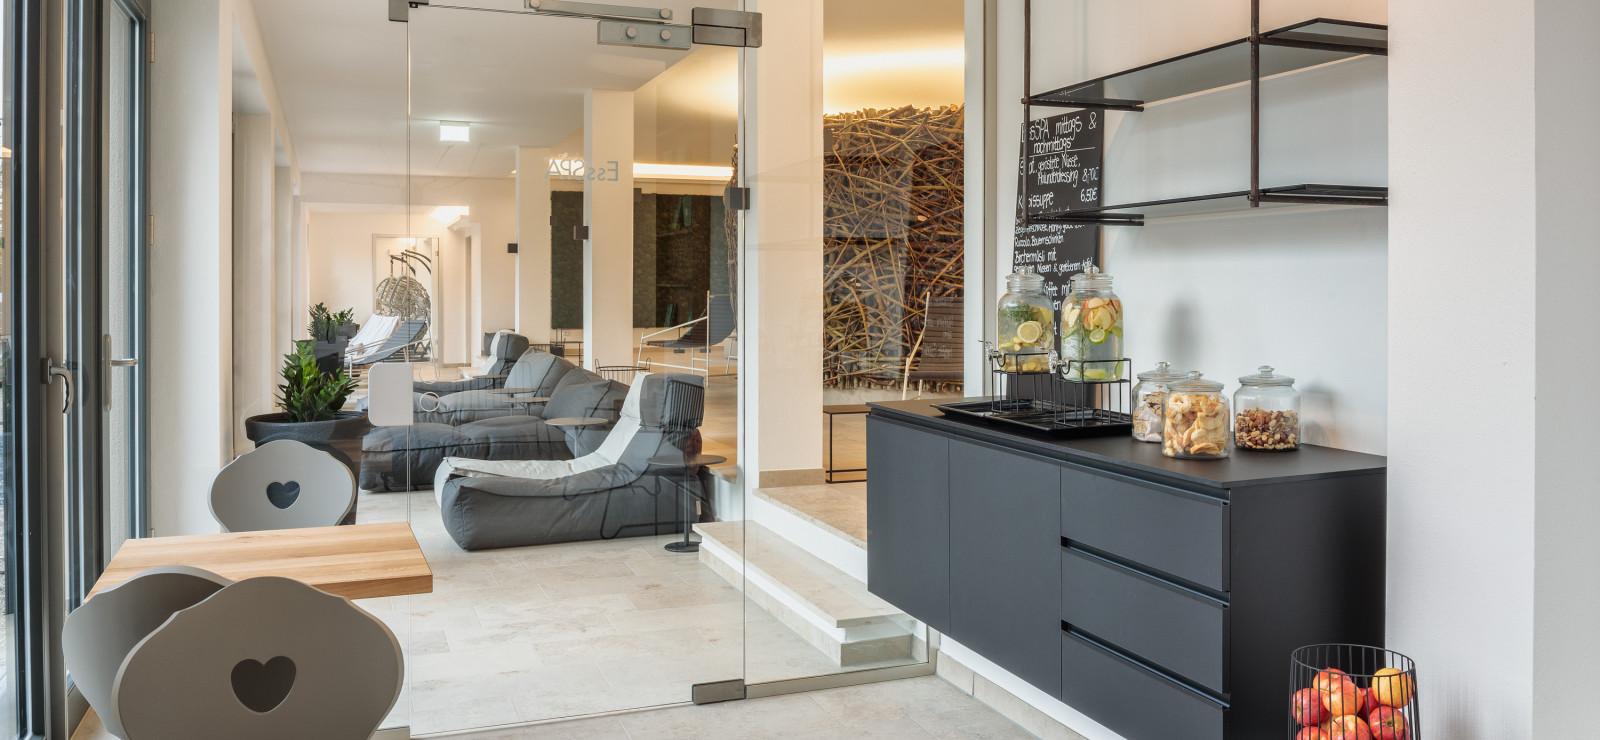 Romantik Hotel Hirschen ****S Bilder | Bild 1